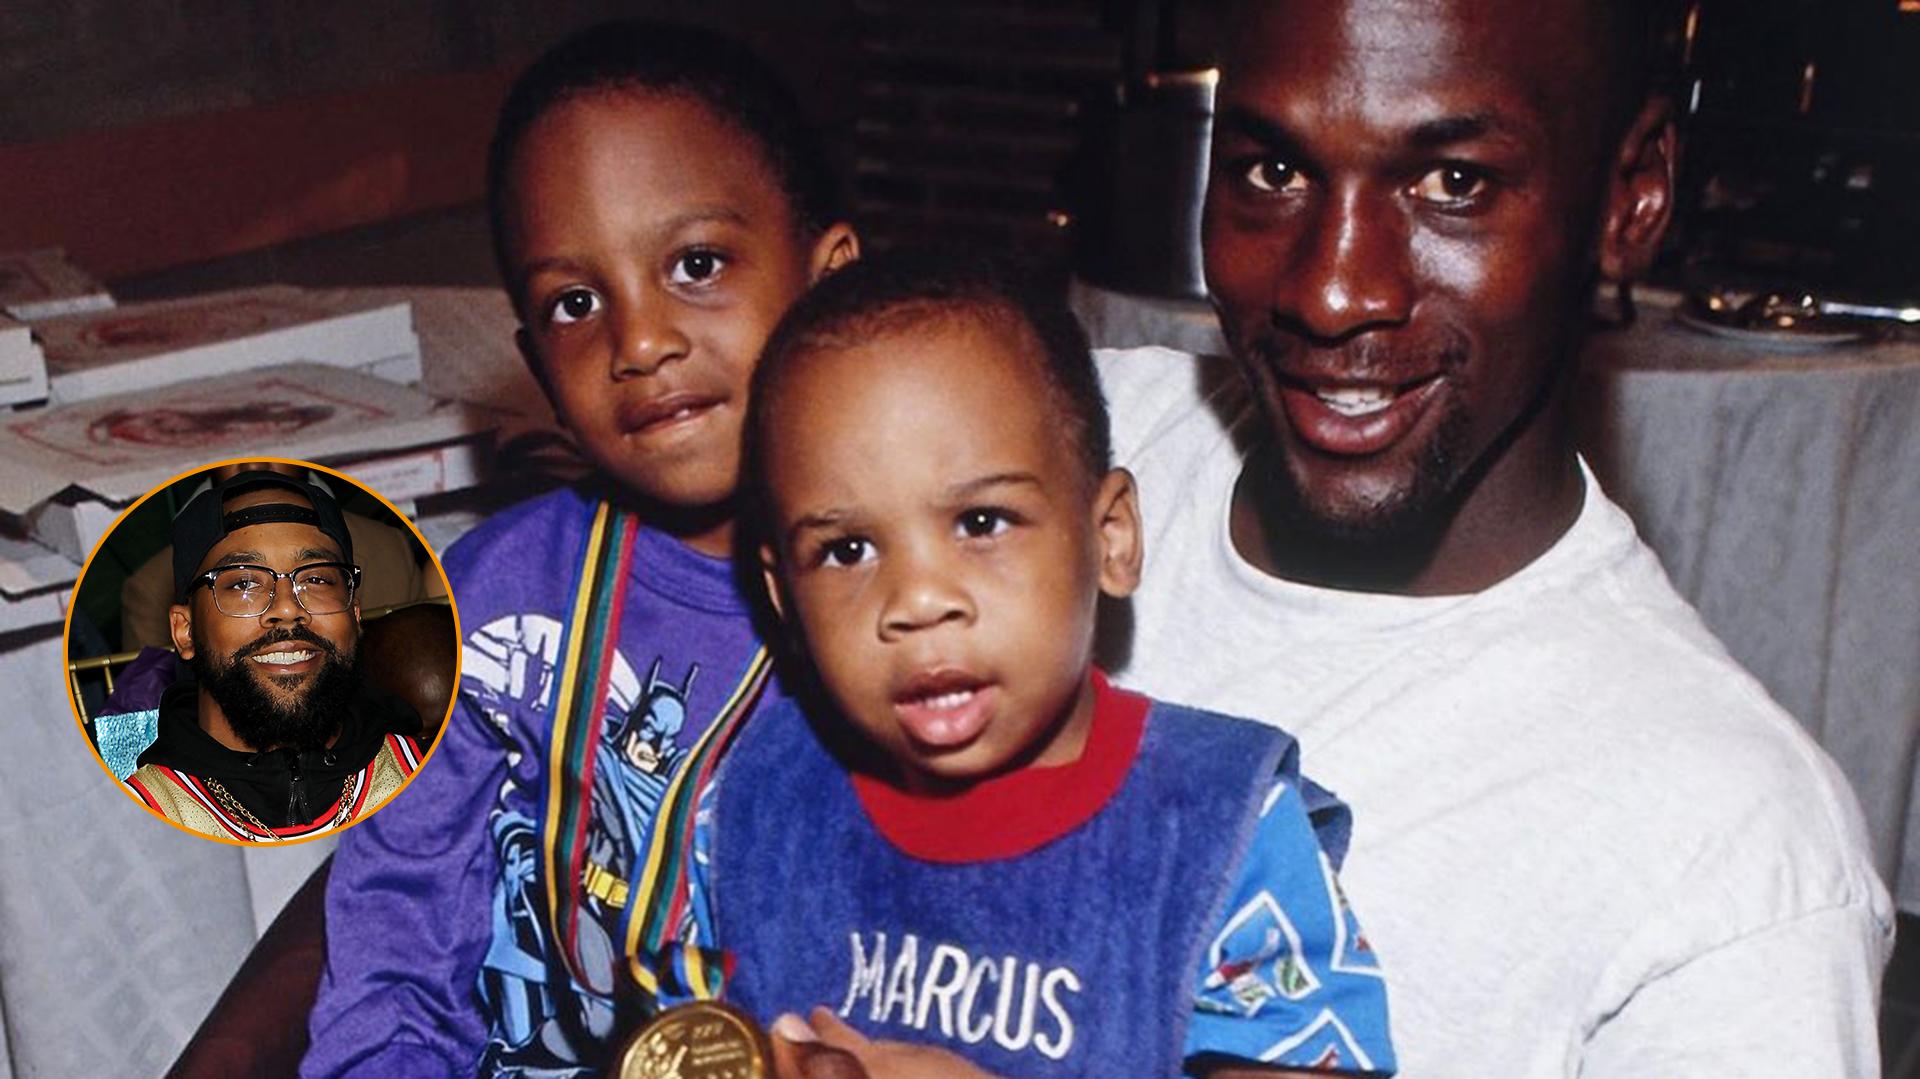 Gimnasia Adentro Endulzar  Las revelaciones de Marcus, el hijo de Michael Jordan: las presiones que  sufrió, el costado negativo del éxito de su padre y los beneficios que  disfrutó - Infobae